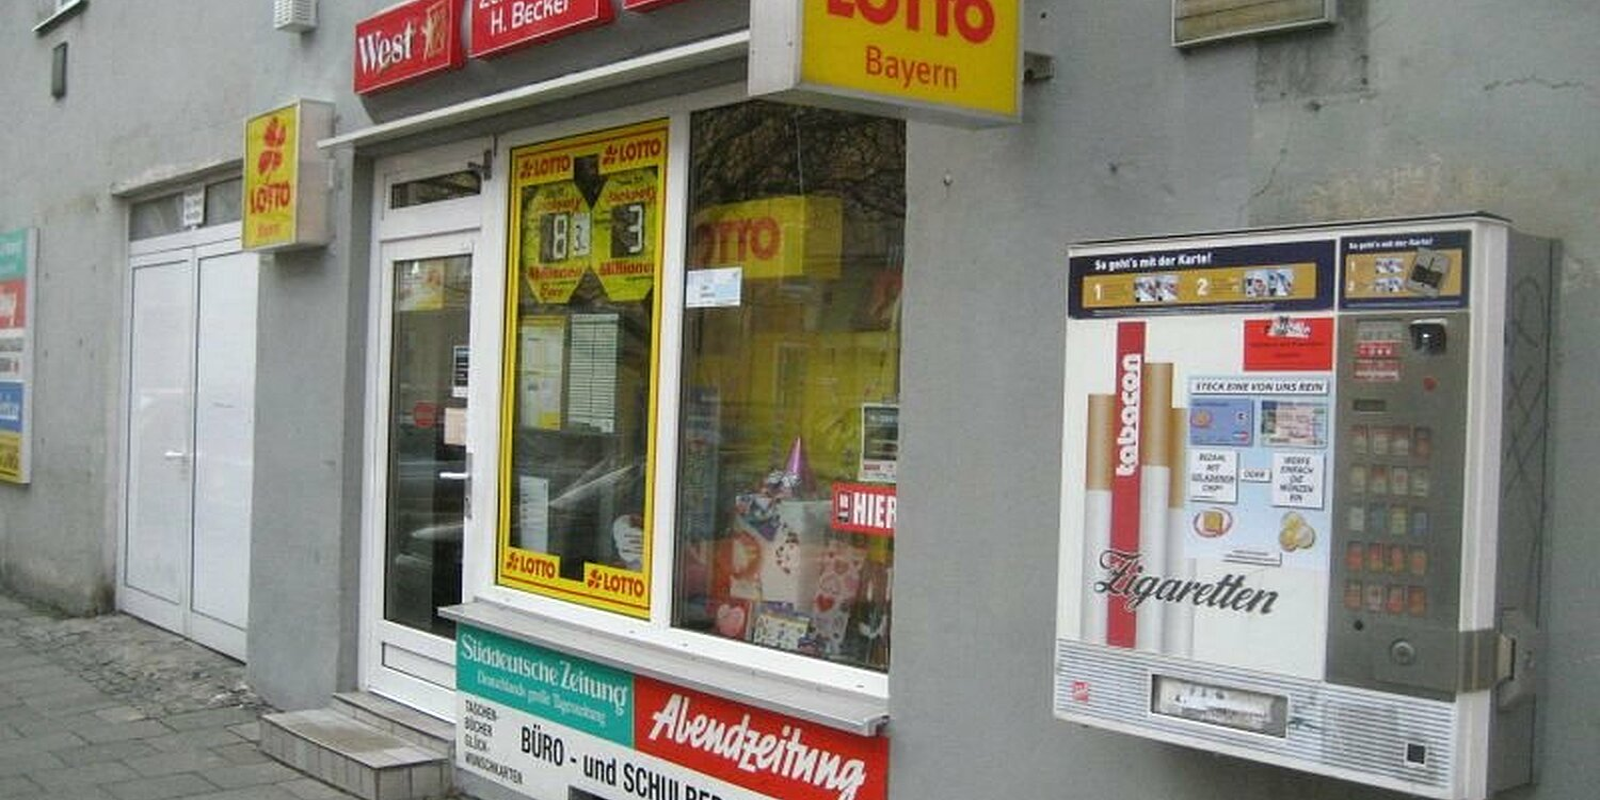 Lotto Annahmestelle Finden